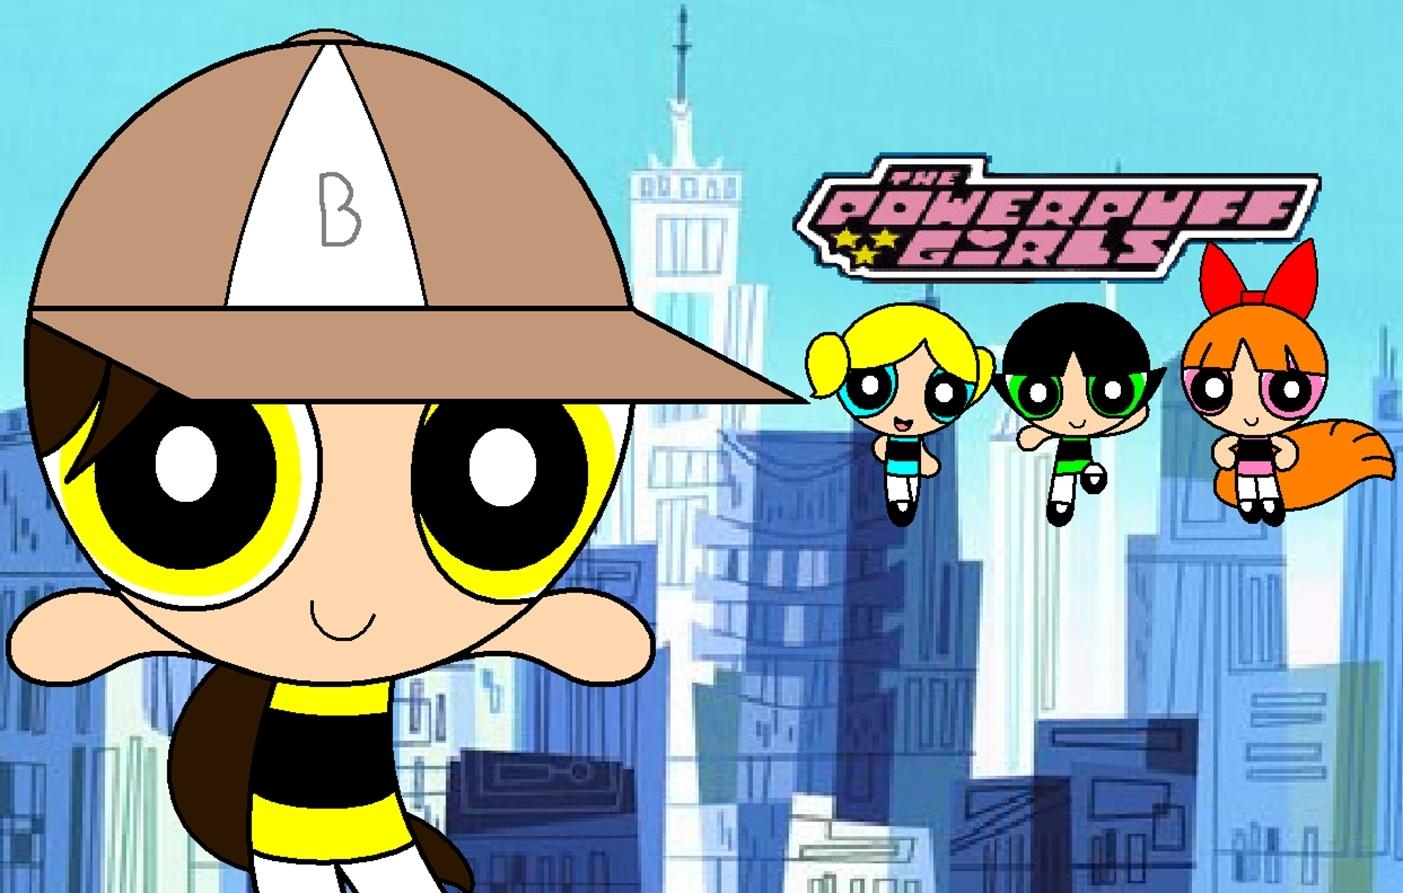 Powerpuff Girls Buttercup Wallpaper Butterfly Powerpuff Girls Images Ppg Wallpaper Hd